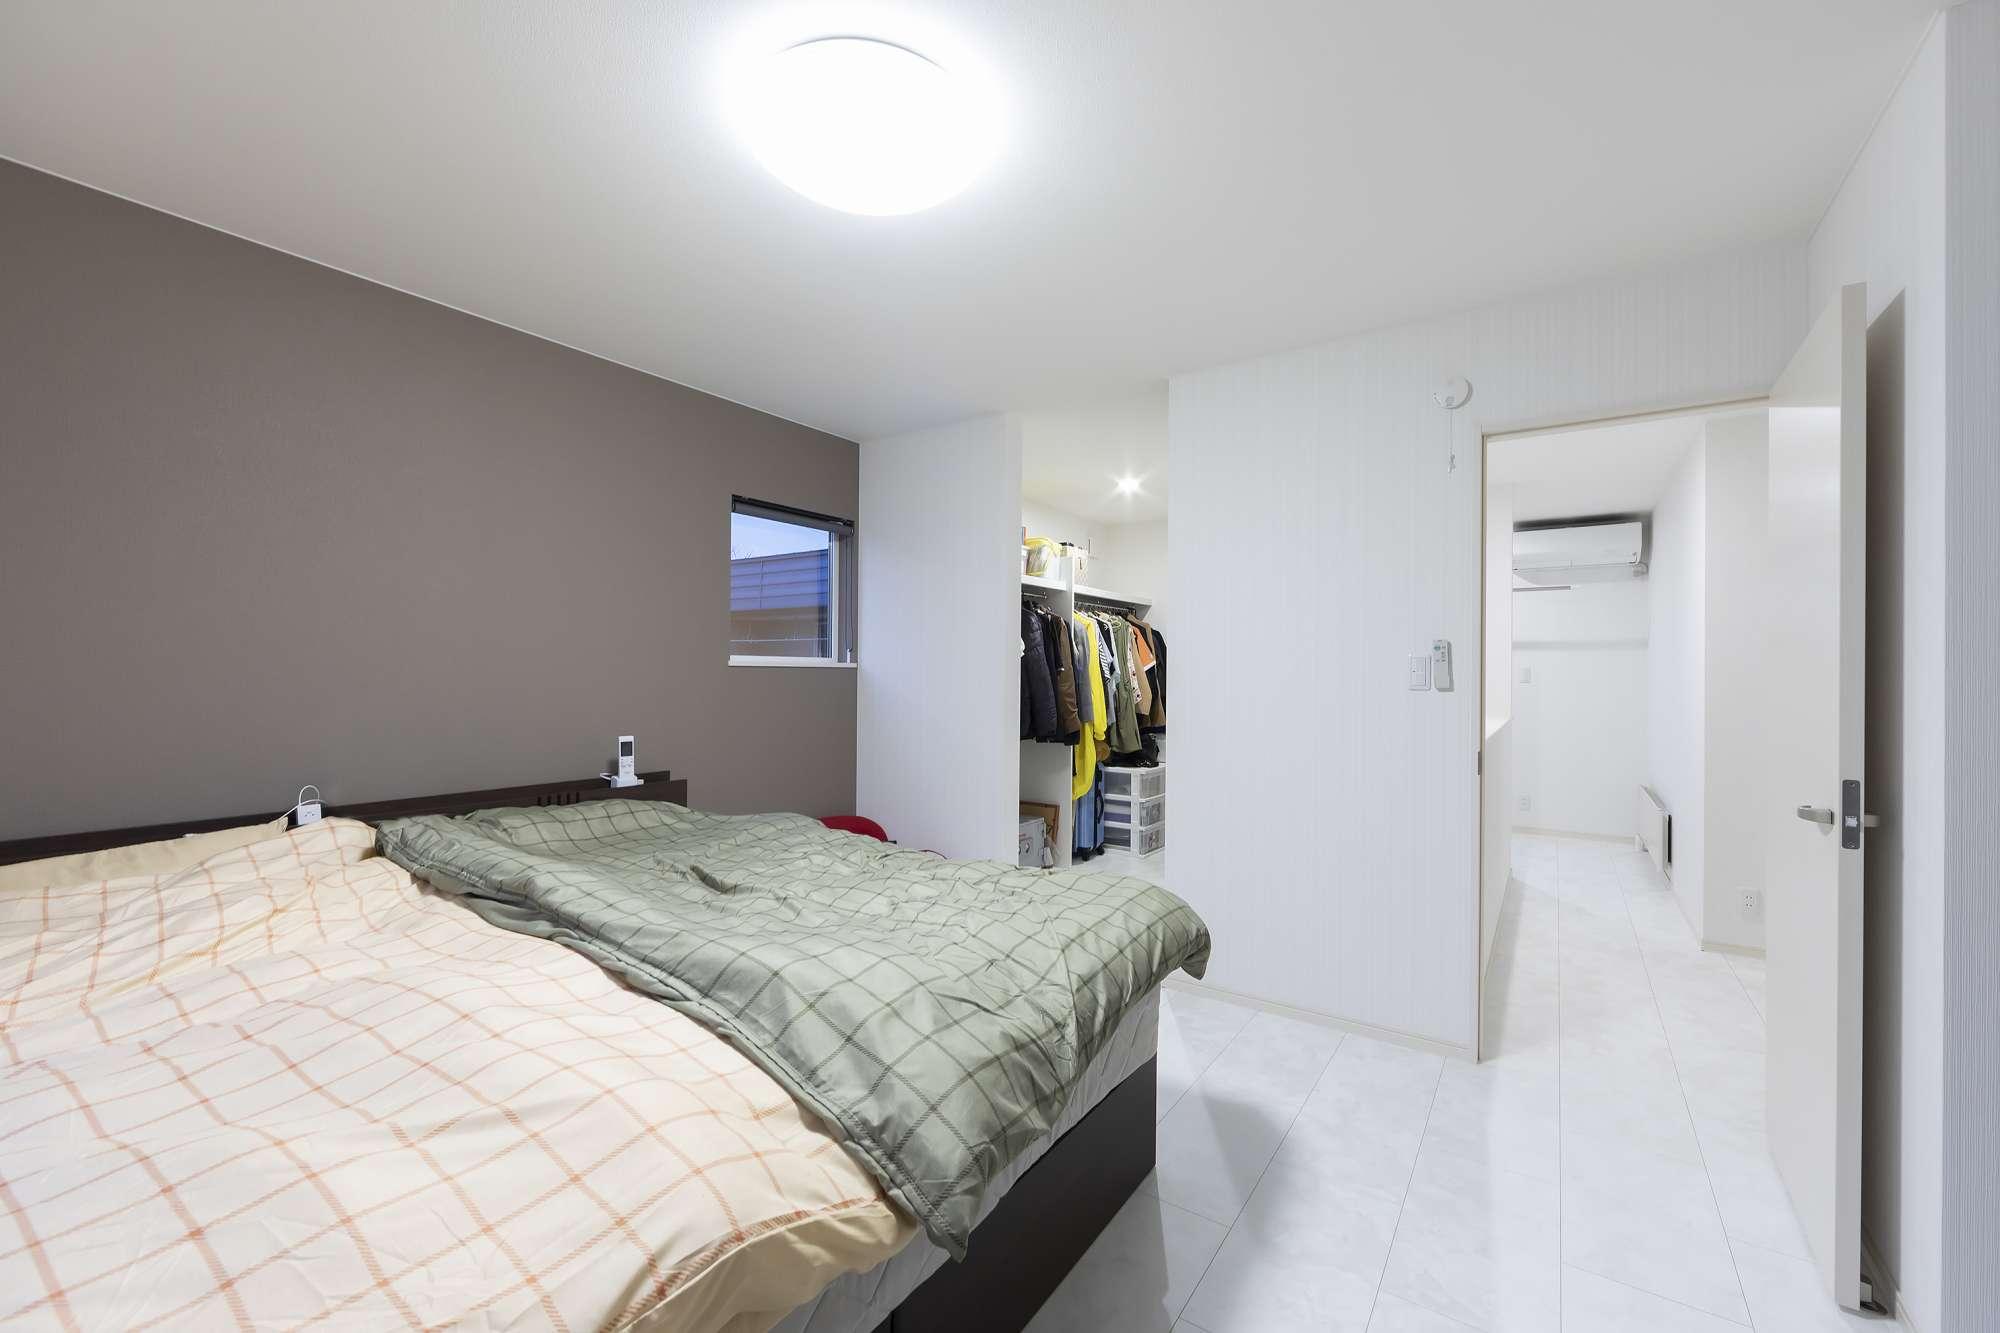 ウォークインクロゼットがある寝室 - 寝室には広々としたウォークインクロゼットを備え付け、ご夫婦の服や旅行カバンもたっぷりと収納できます。 -  -